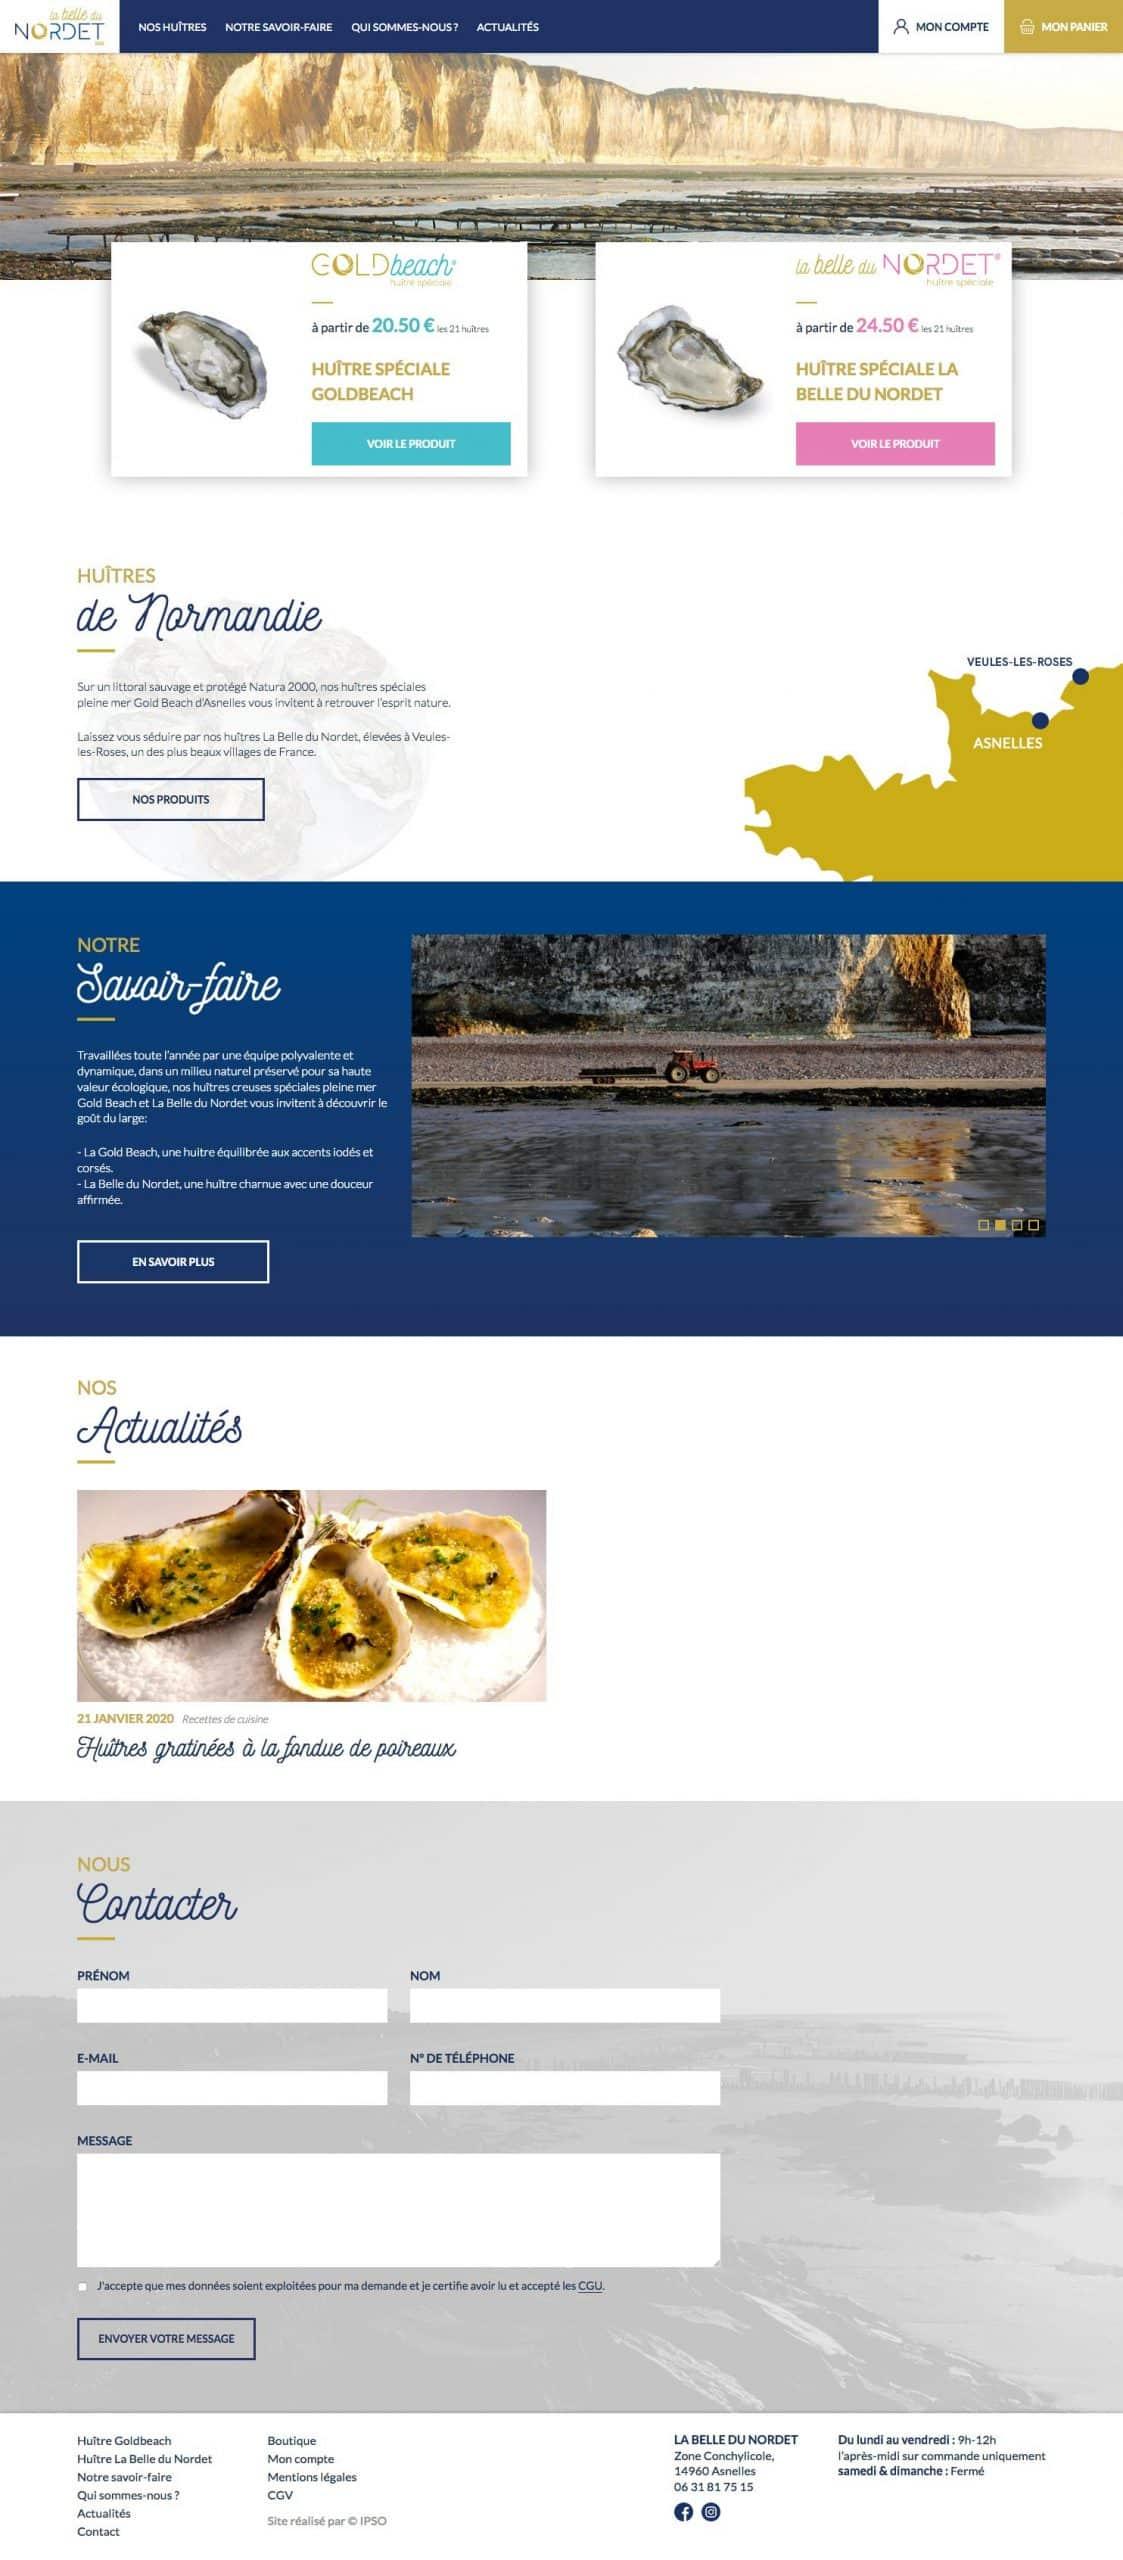 Aperçu de la page d'accueil La Belle du Nordet